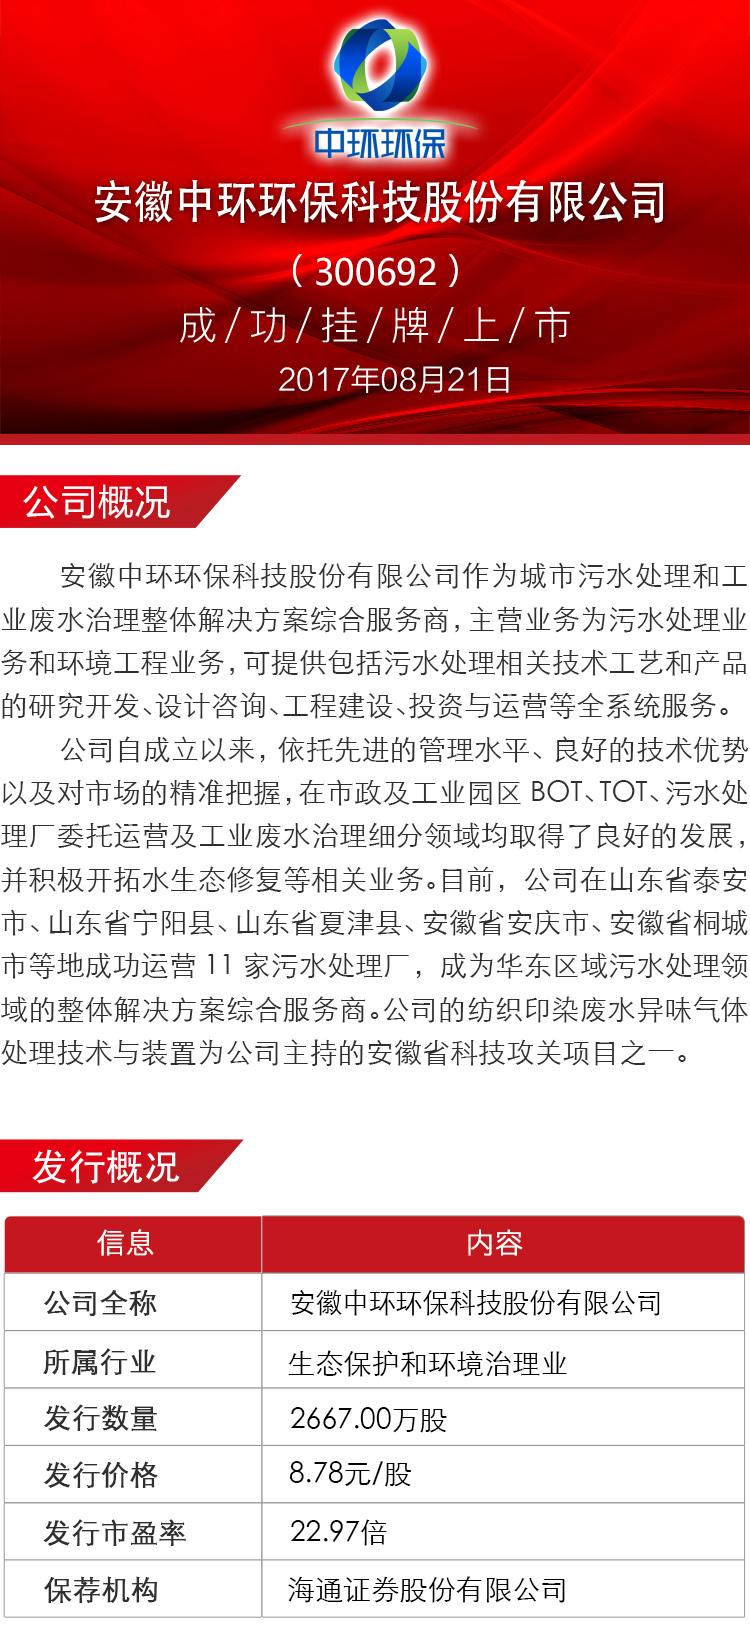 中环环保-上市海报_01.jpg